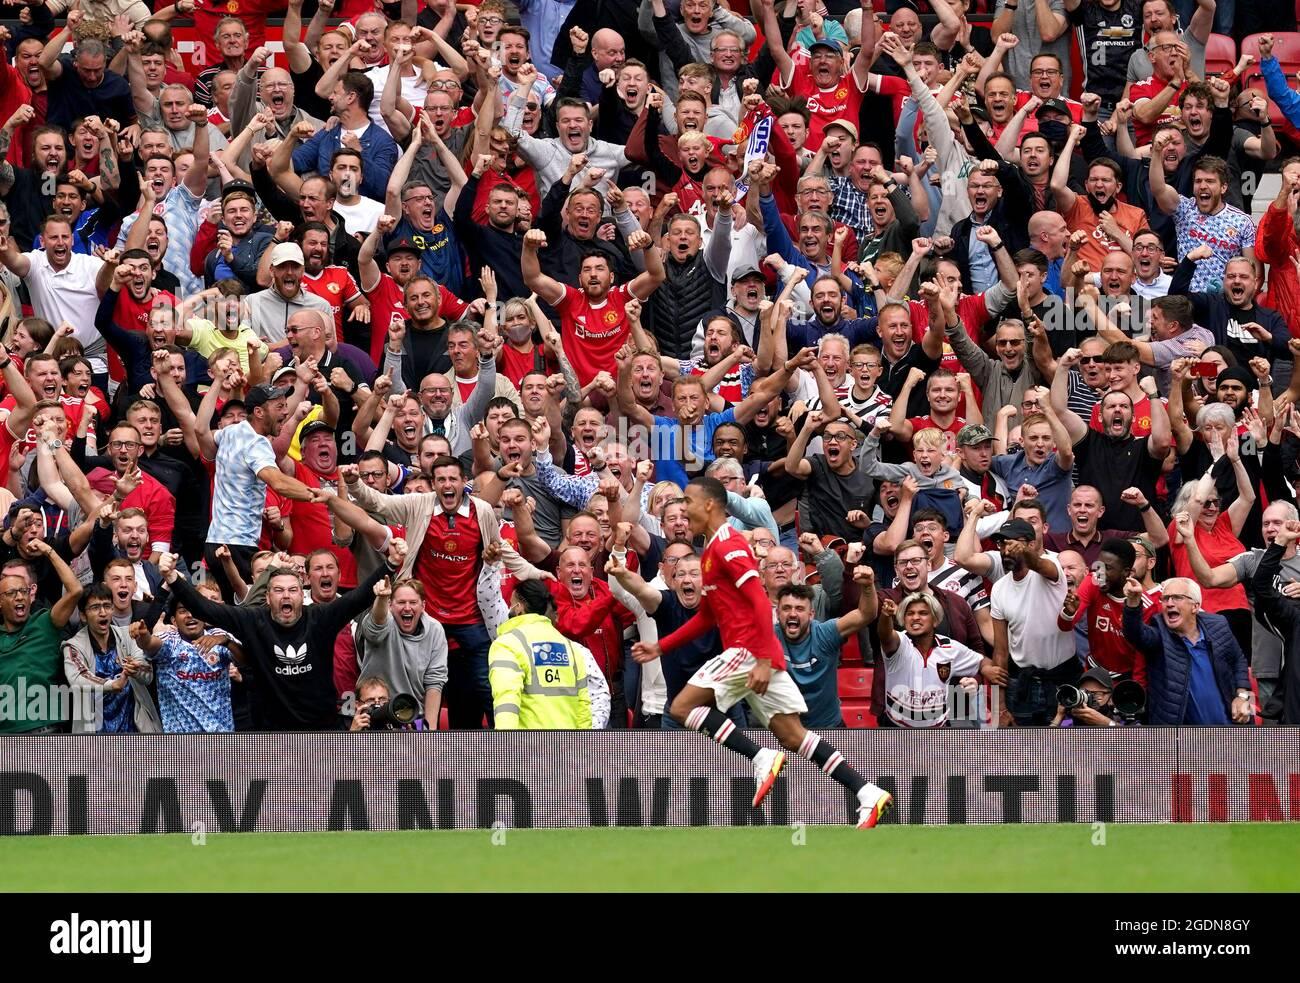 Mason Greenwood von Manchester United feiert vor den Fans, nachdem sie während des Premier League-Spiels in Old Trafford, Manchester, das zweite Tor ihrer Seite erzielt hat. Bilddatum: Samstag, 14. August 2021. Stockfoto